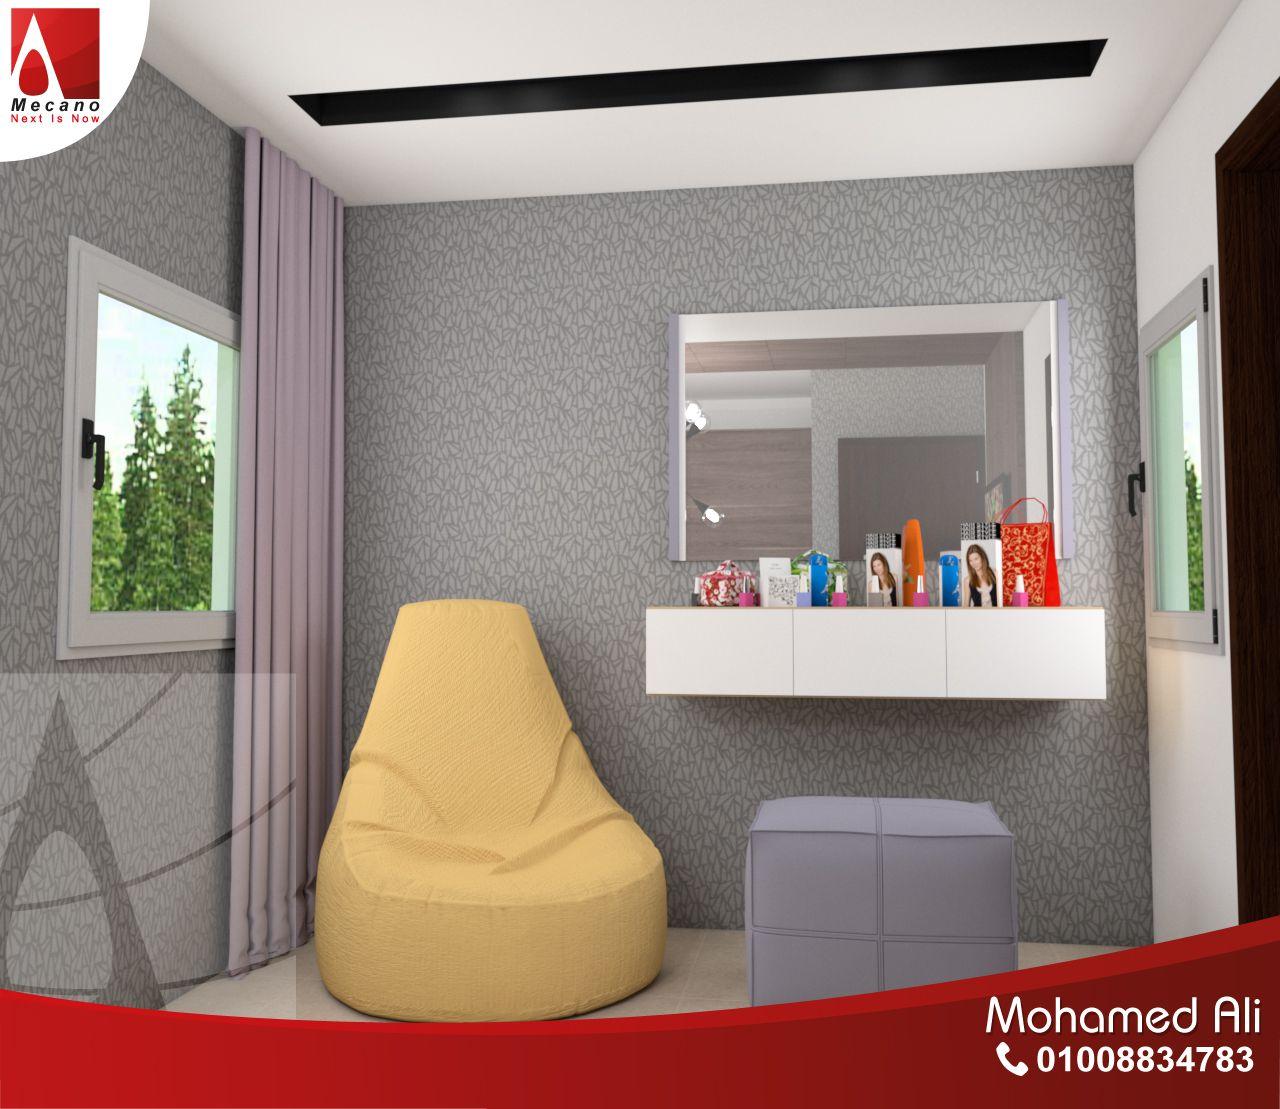 سفرة باللون الأبيض و كراسي باللون البنفسجي الغامق ستكون بالتأكيد من اختيار أصحاب البيوت المودرن سفرة أثاث مودرن ت Furniture Dinner Room Bedroom Bed Design